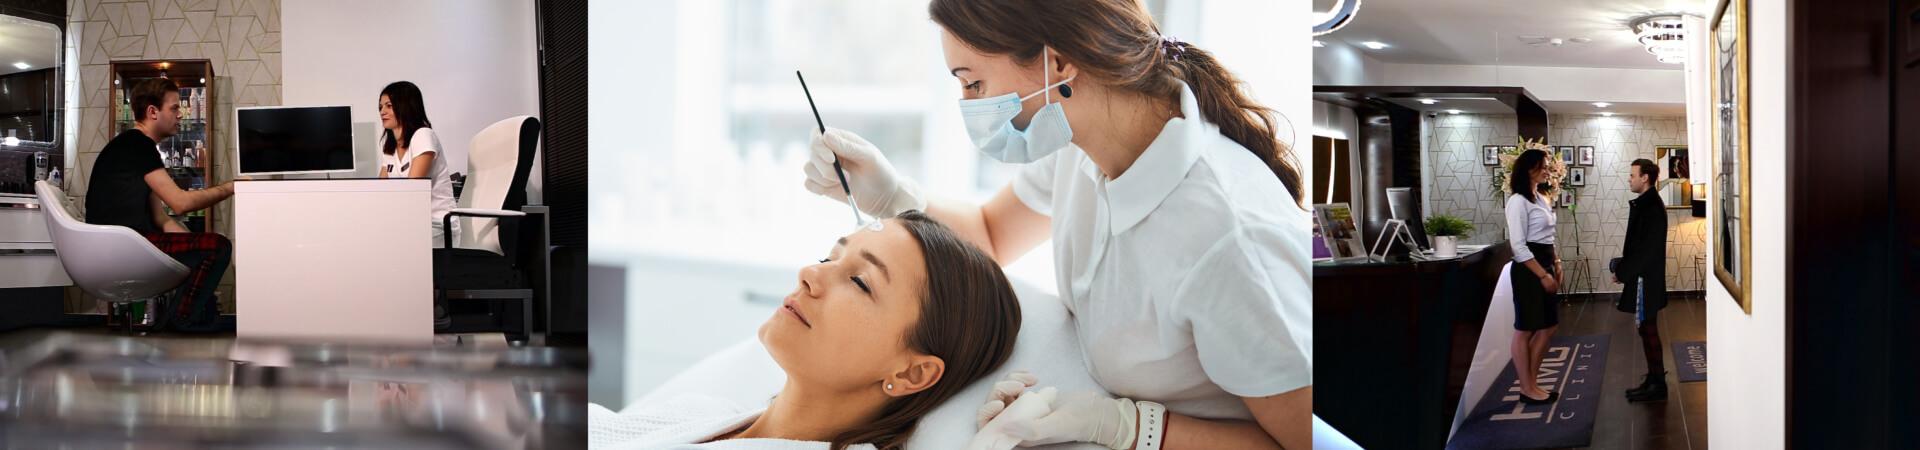 Bőrgyógyász/Dermatológus szakorvos állás